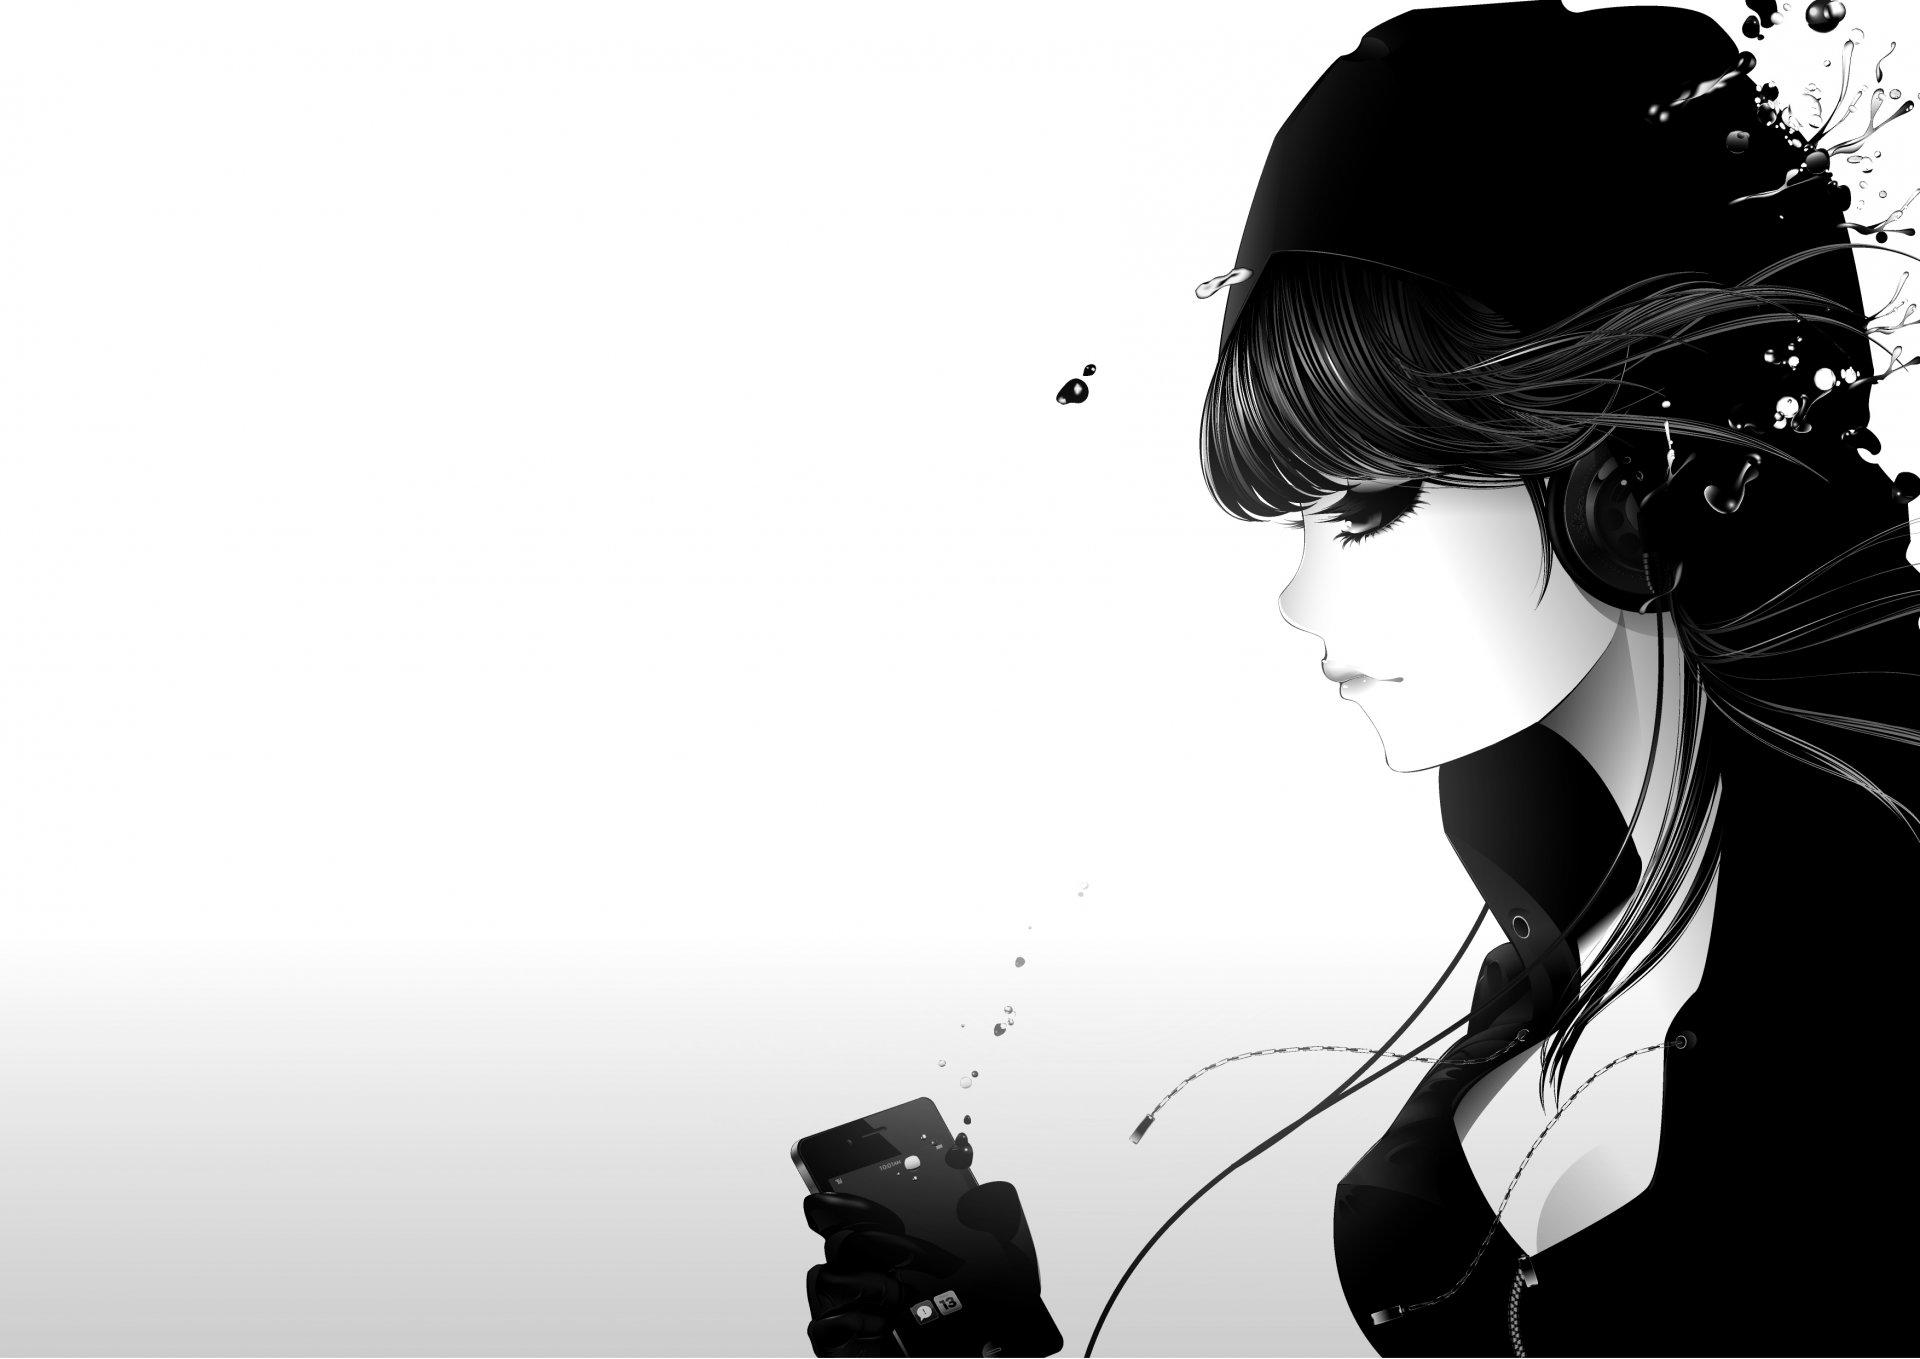 Крутые черные картинки на белом фоне, открытка